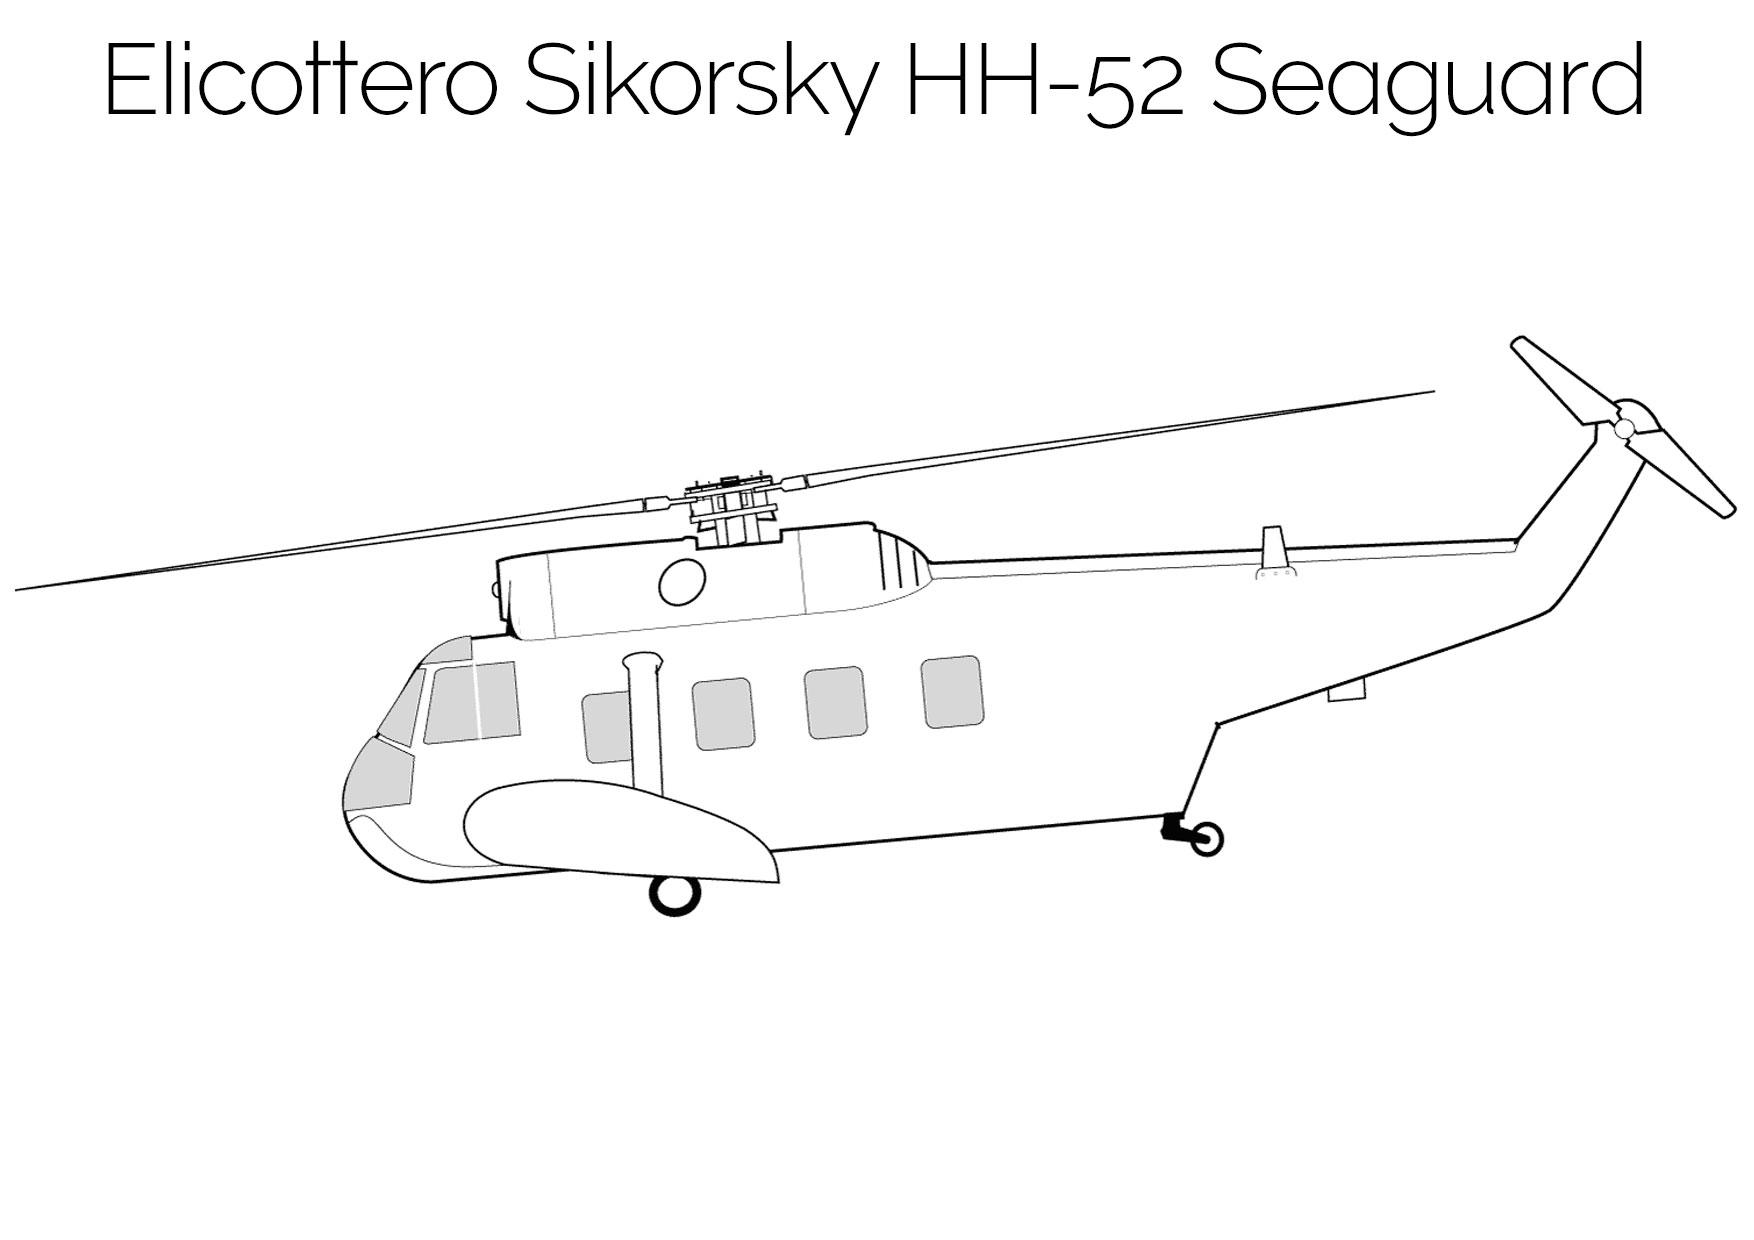 Elicottero da colorare Sikorsky HH 52 Seaguard